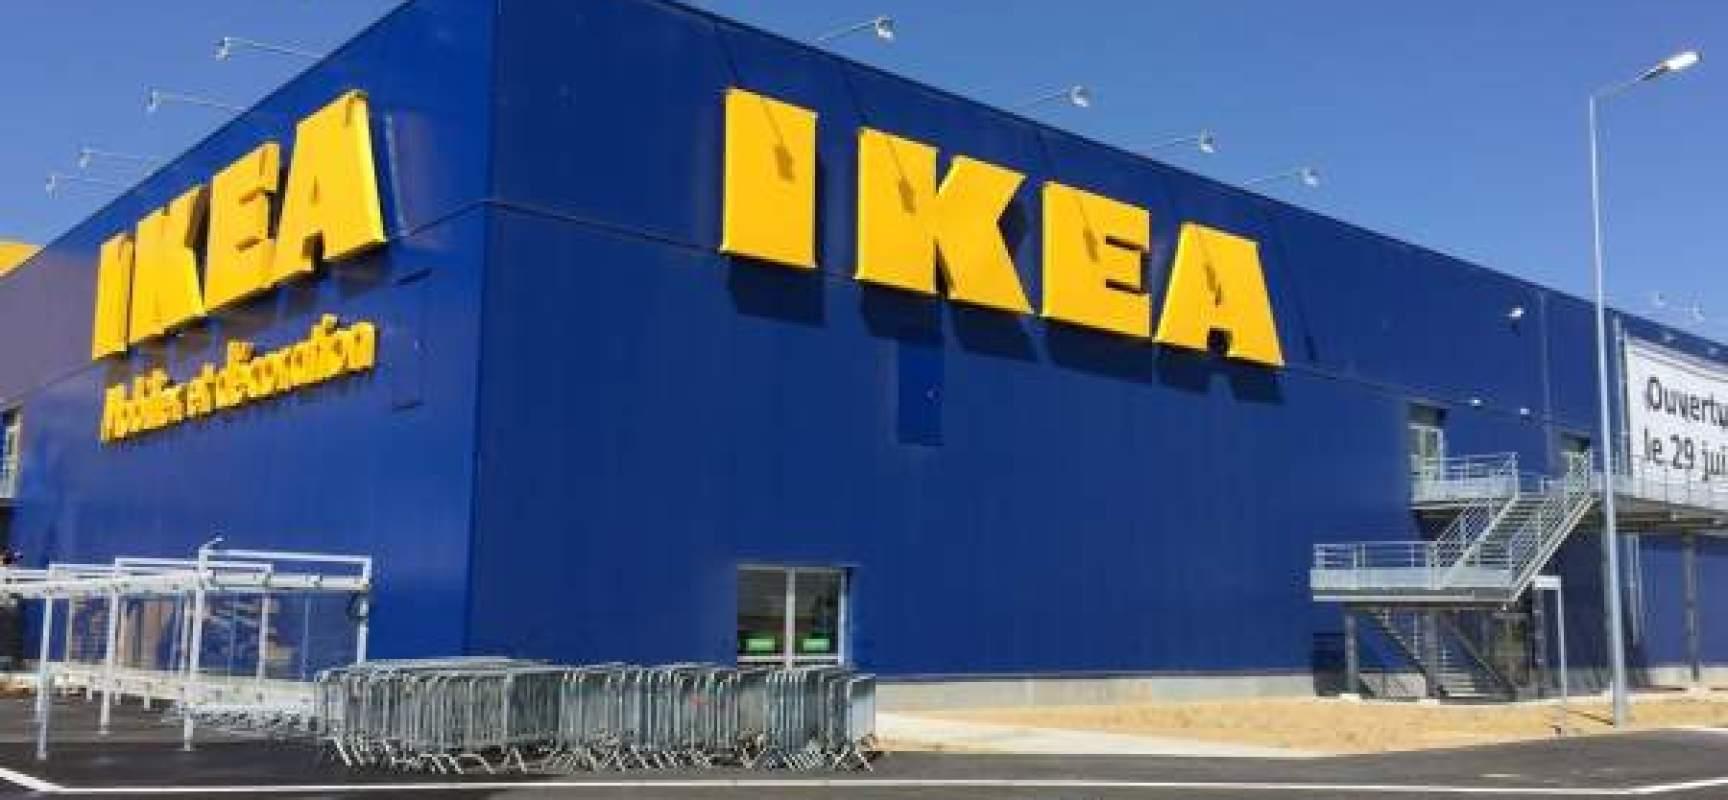 Ikea richiama i cancelletti patrull rischio caduta dalle for Cancelletti per bambini ikea